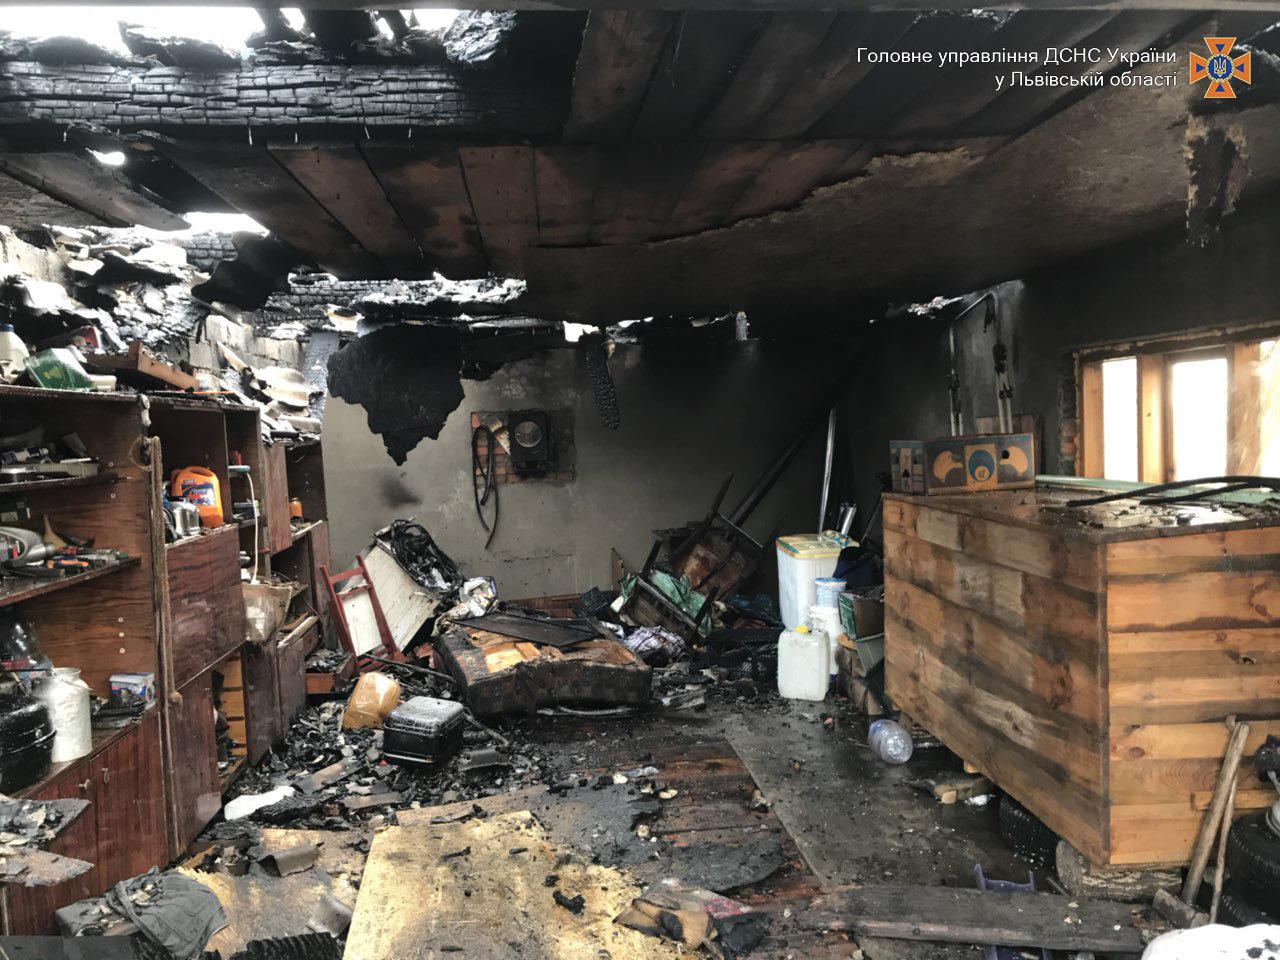 Внаслідок пожежі на Львівщині постраждала 4-річна дитина, - ФОТО, фото-3